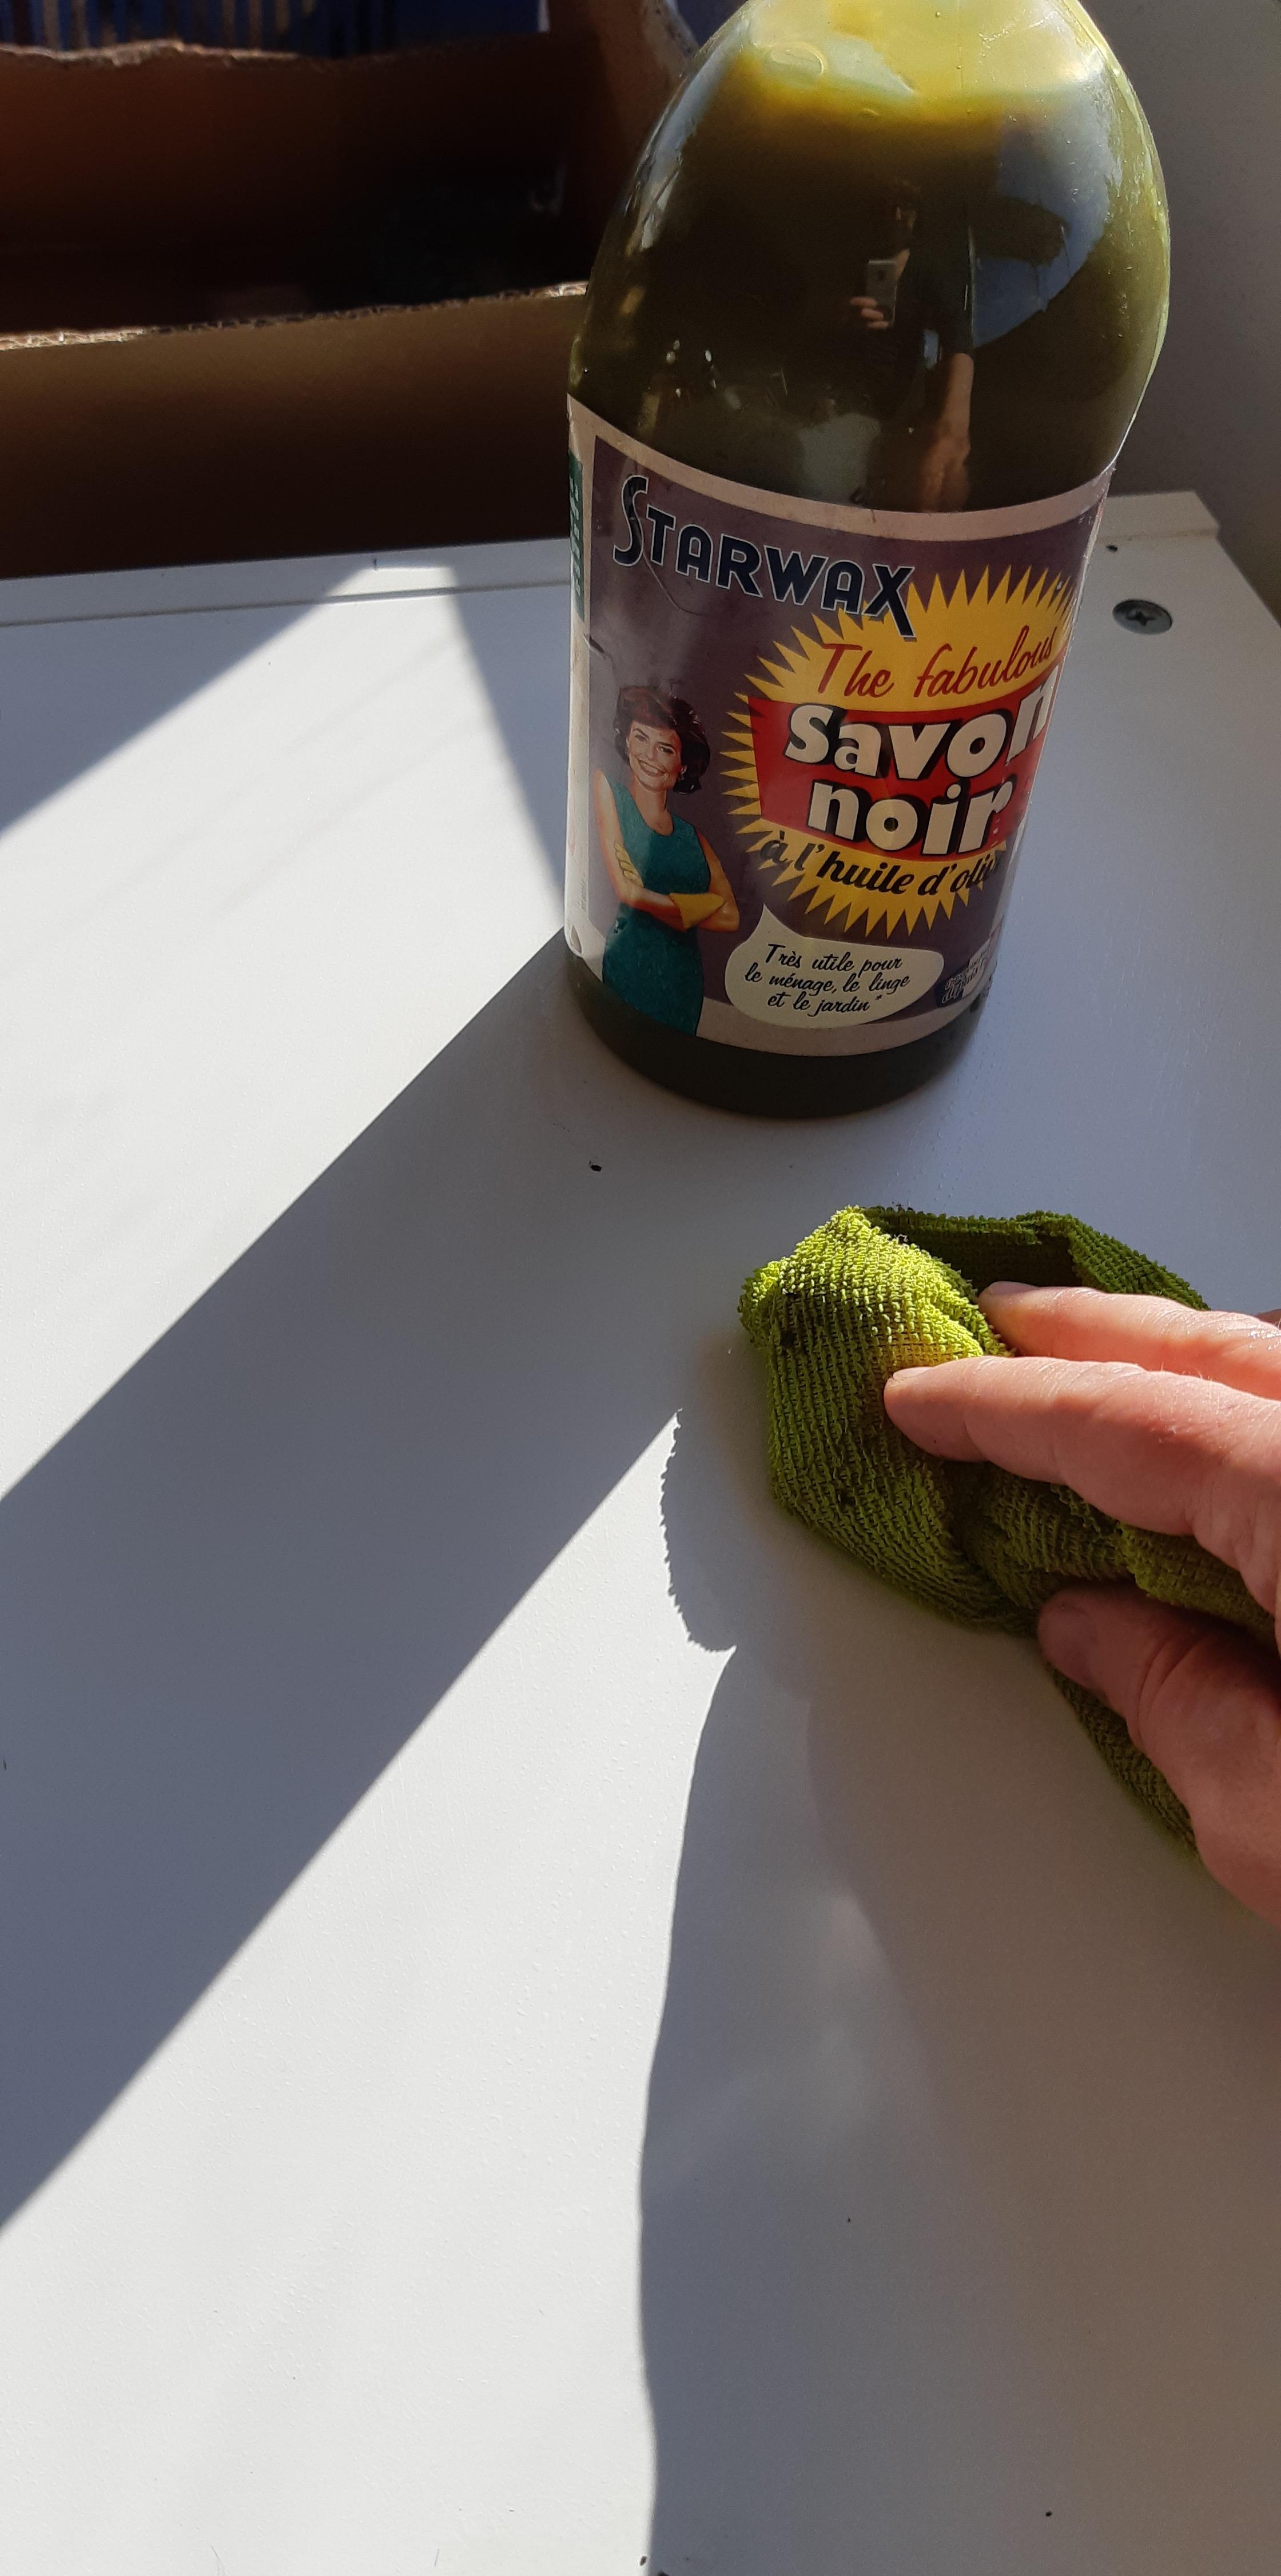 J'ai testé pour vous le savon noir à l'huile d'olive Starwax